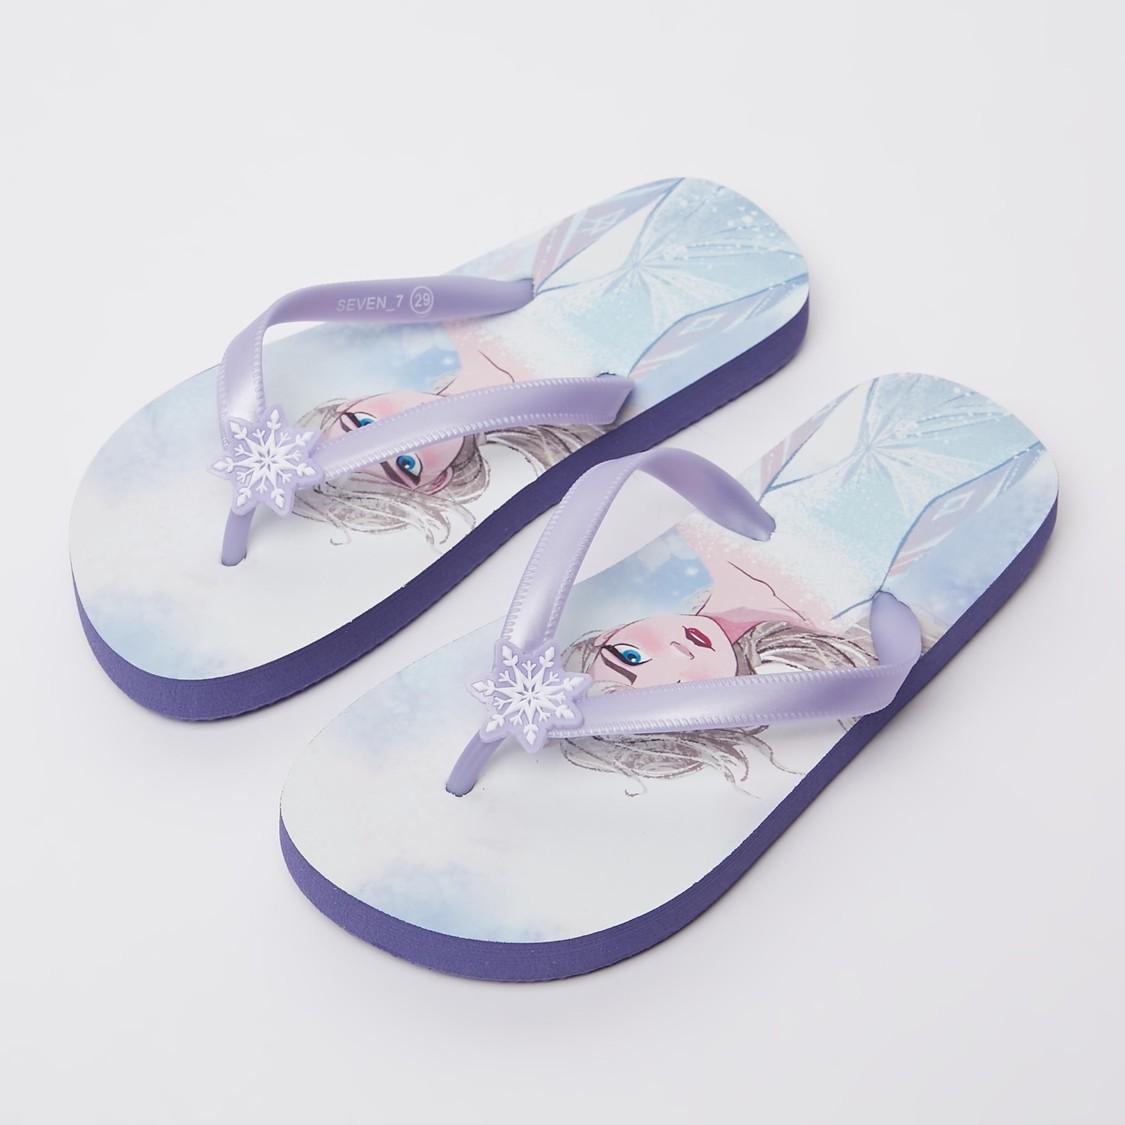 Frozen Print Flip Flops with Applique Detail Straps